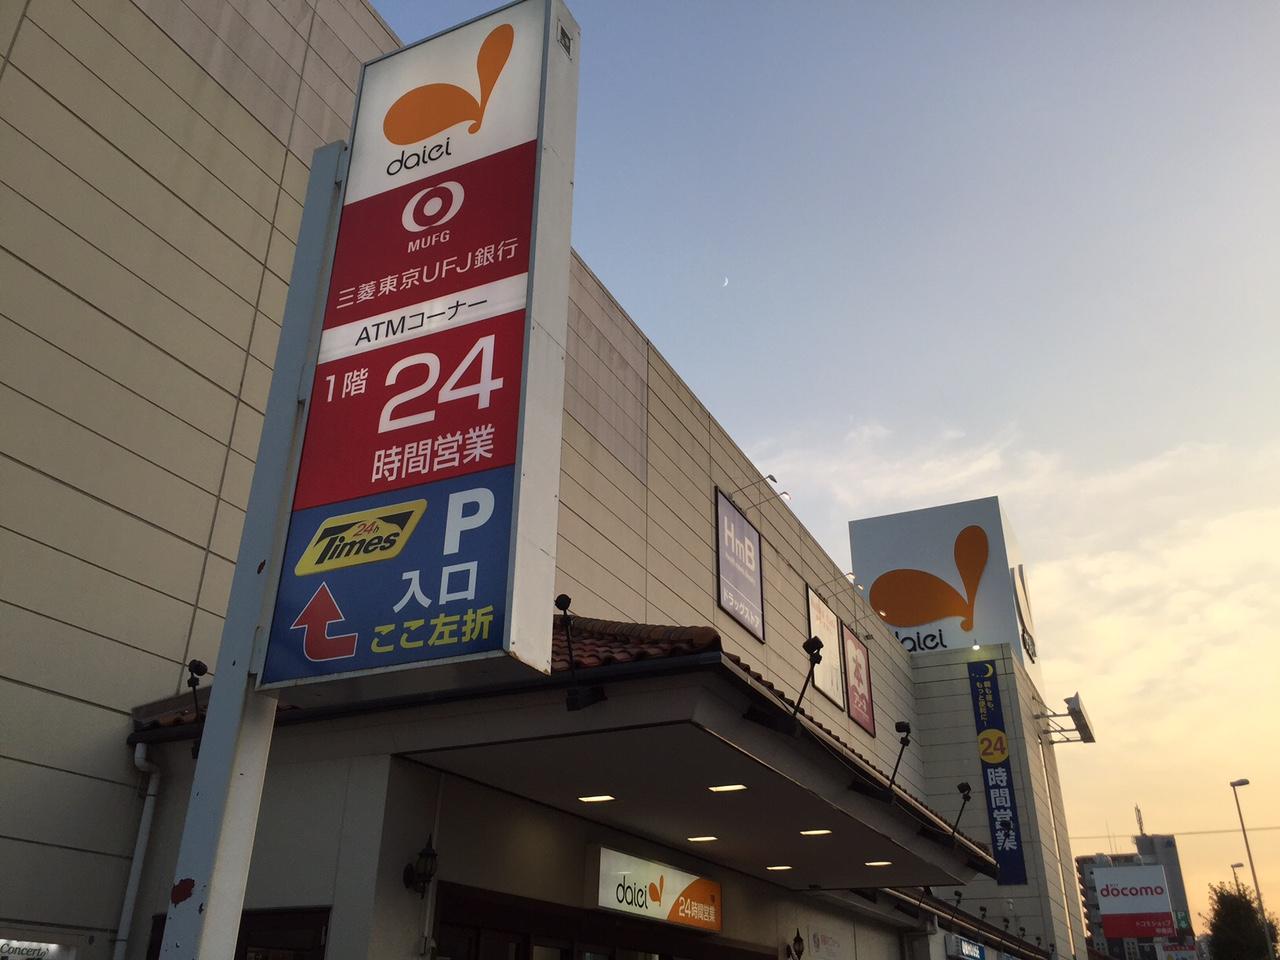 グルメ@今日の #ドムさんぽ  ダイエー甲南店のドムドム